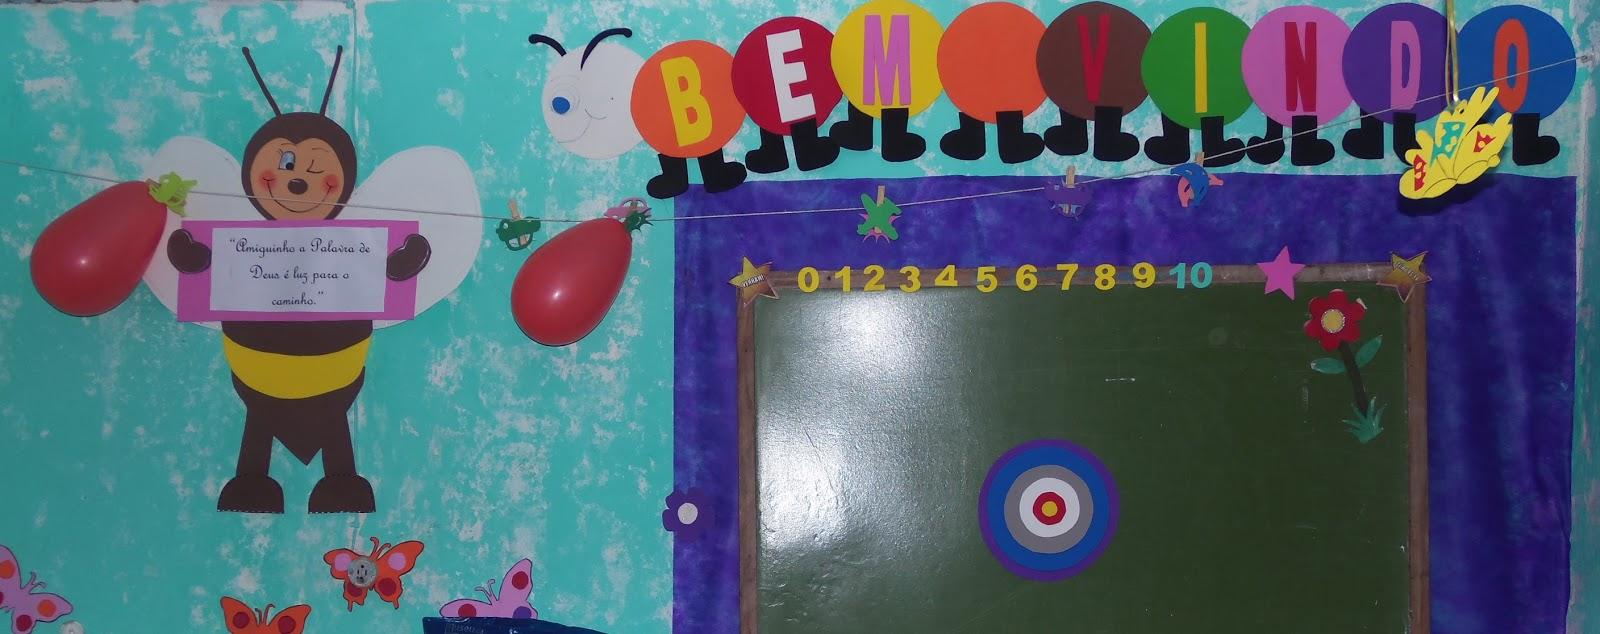 decoracao de sala infantil escola dominical : decoracao de sala infantil escola dominical:Cheila Pinturas e Escolinha Bíblica: Decoração Sala EBD